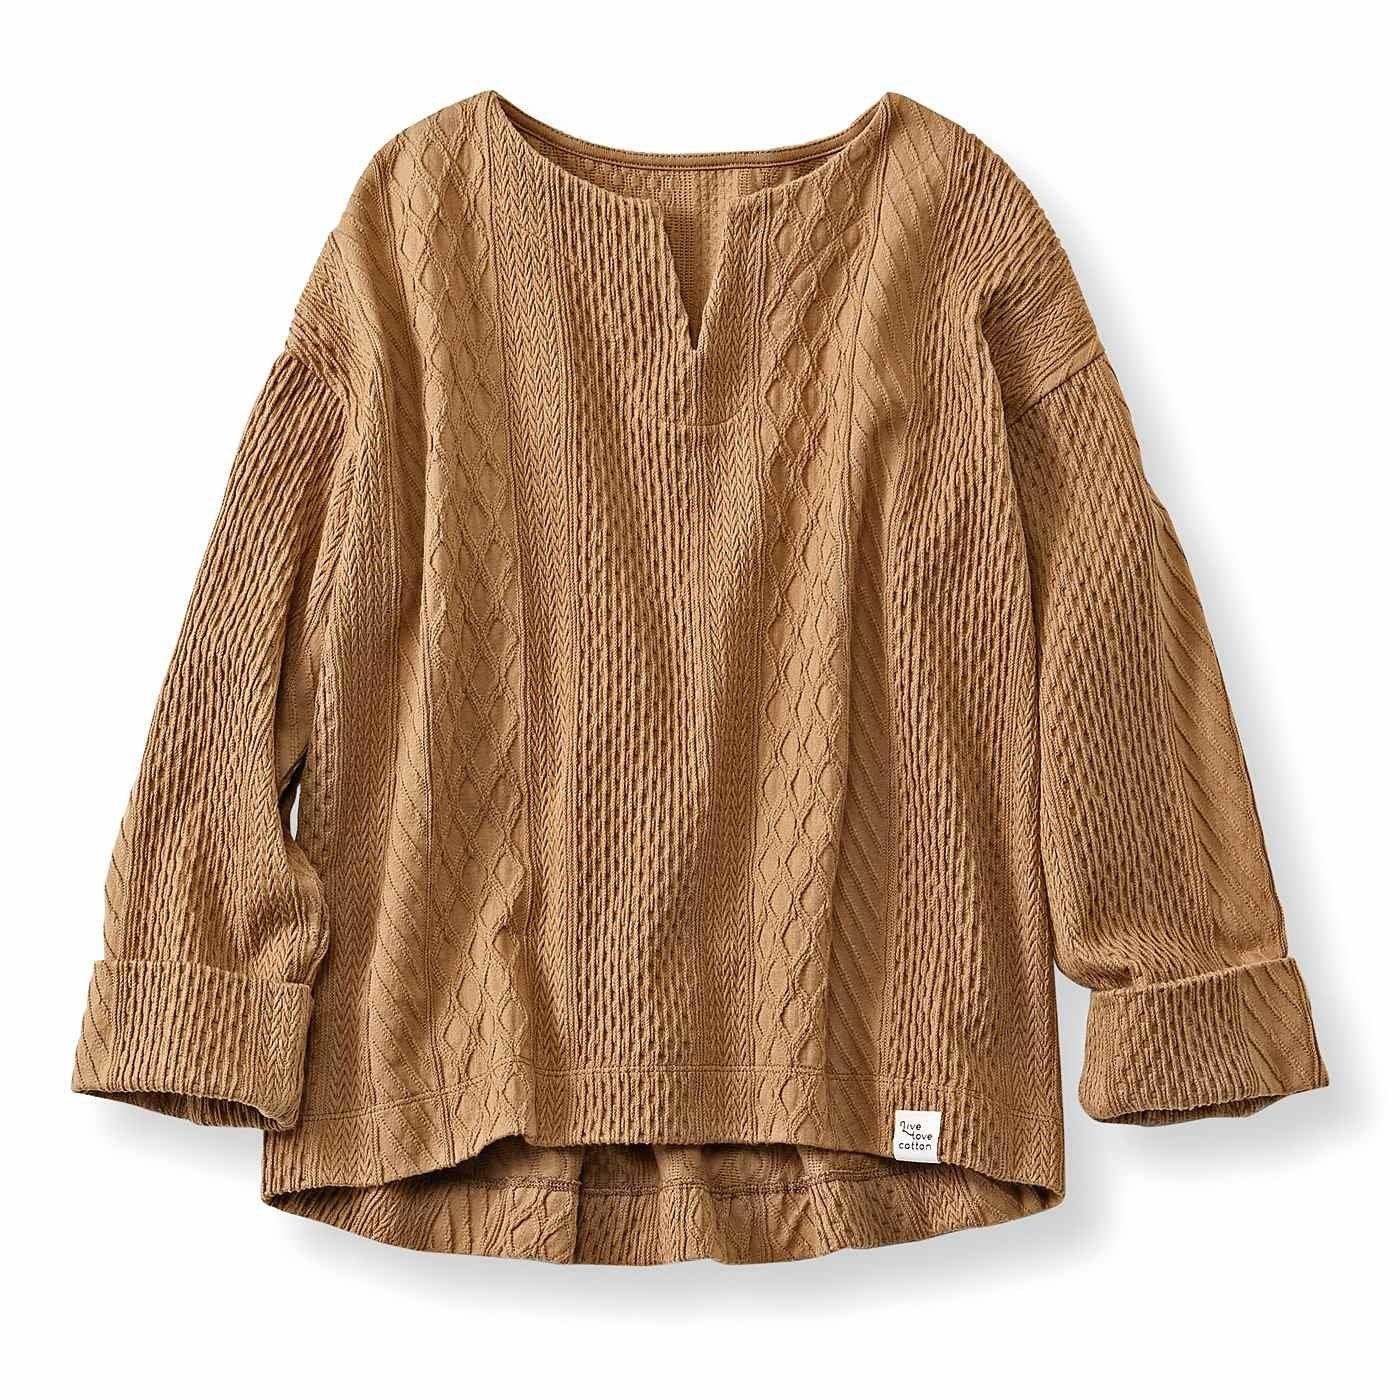 【3~10日でお届け】Live love cottonプロジェクト リブ イン コンフォート しっかり厚手の 柄編みが素敵なオーガニックコットントップス〈キャメル〉